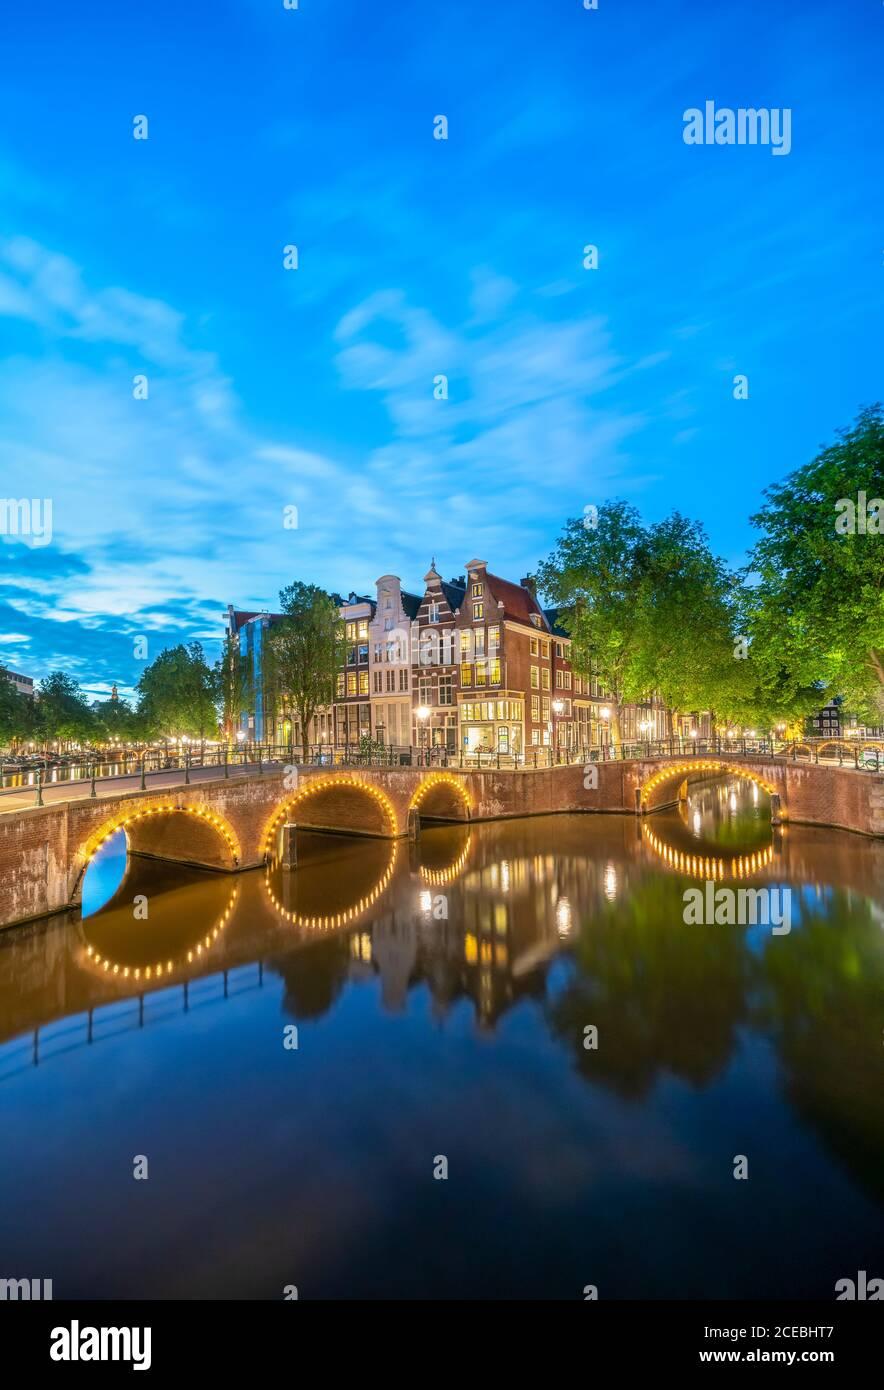 Puentes del canal de Ámsterdam. Canales y puentes Keizersgracht y Leidsegracht por la noche. Amsterdam Grachtengordel cinturón del Canal, anillo del Canal Patrimonio de la Unesco Foto de stock